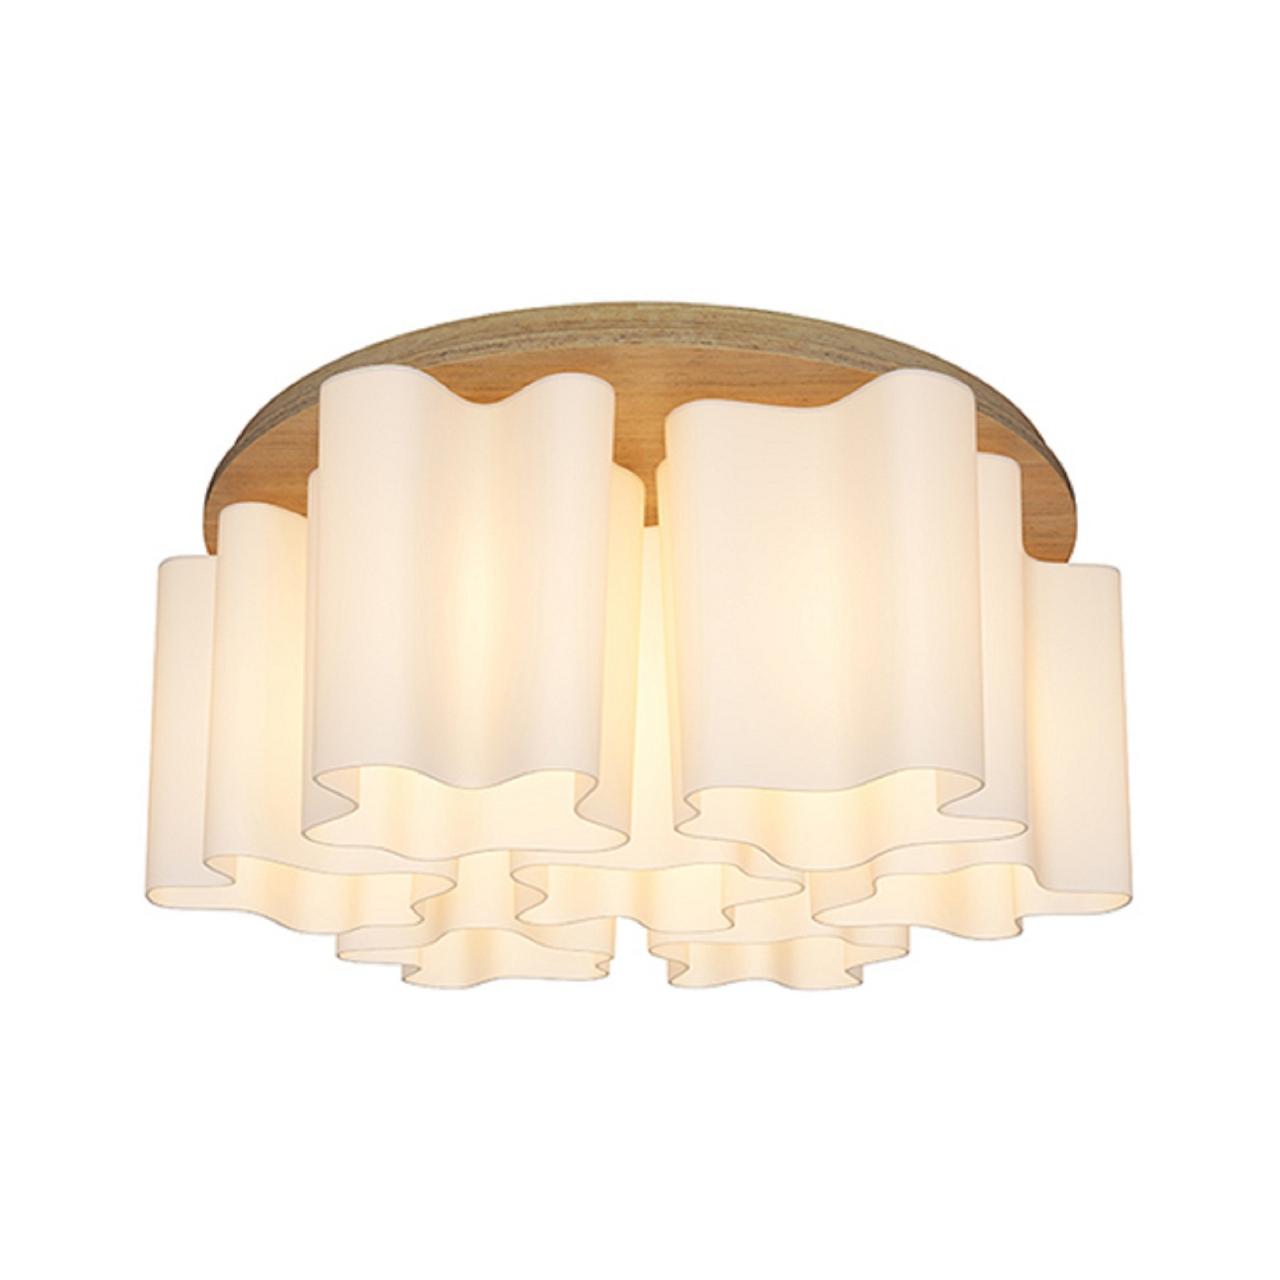 Люстра потолочная NUBI Legno 7x40W E27 светлое дерево / белый Lightstar 802075